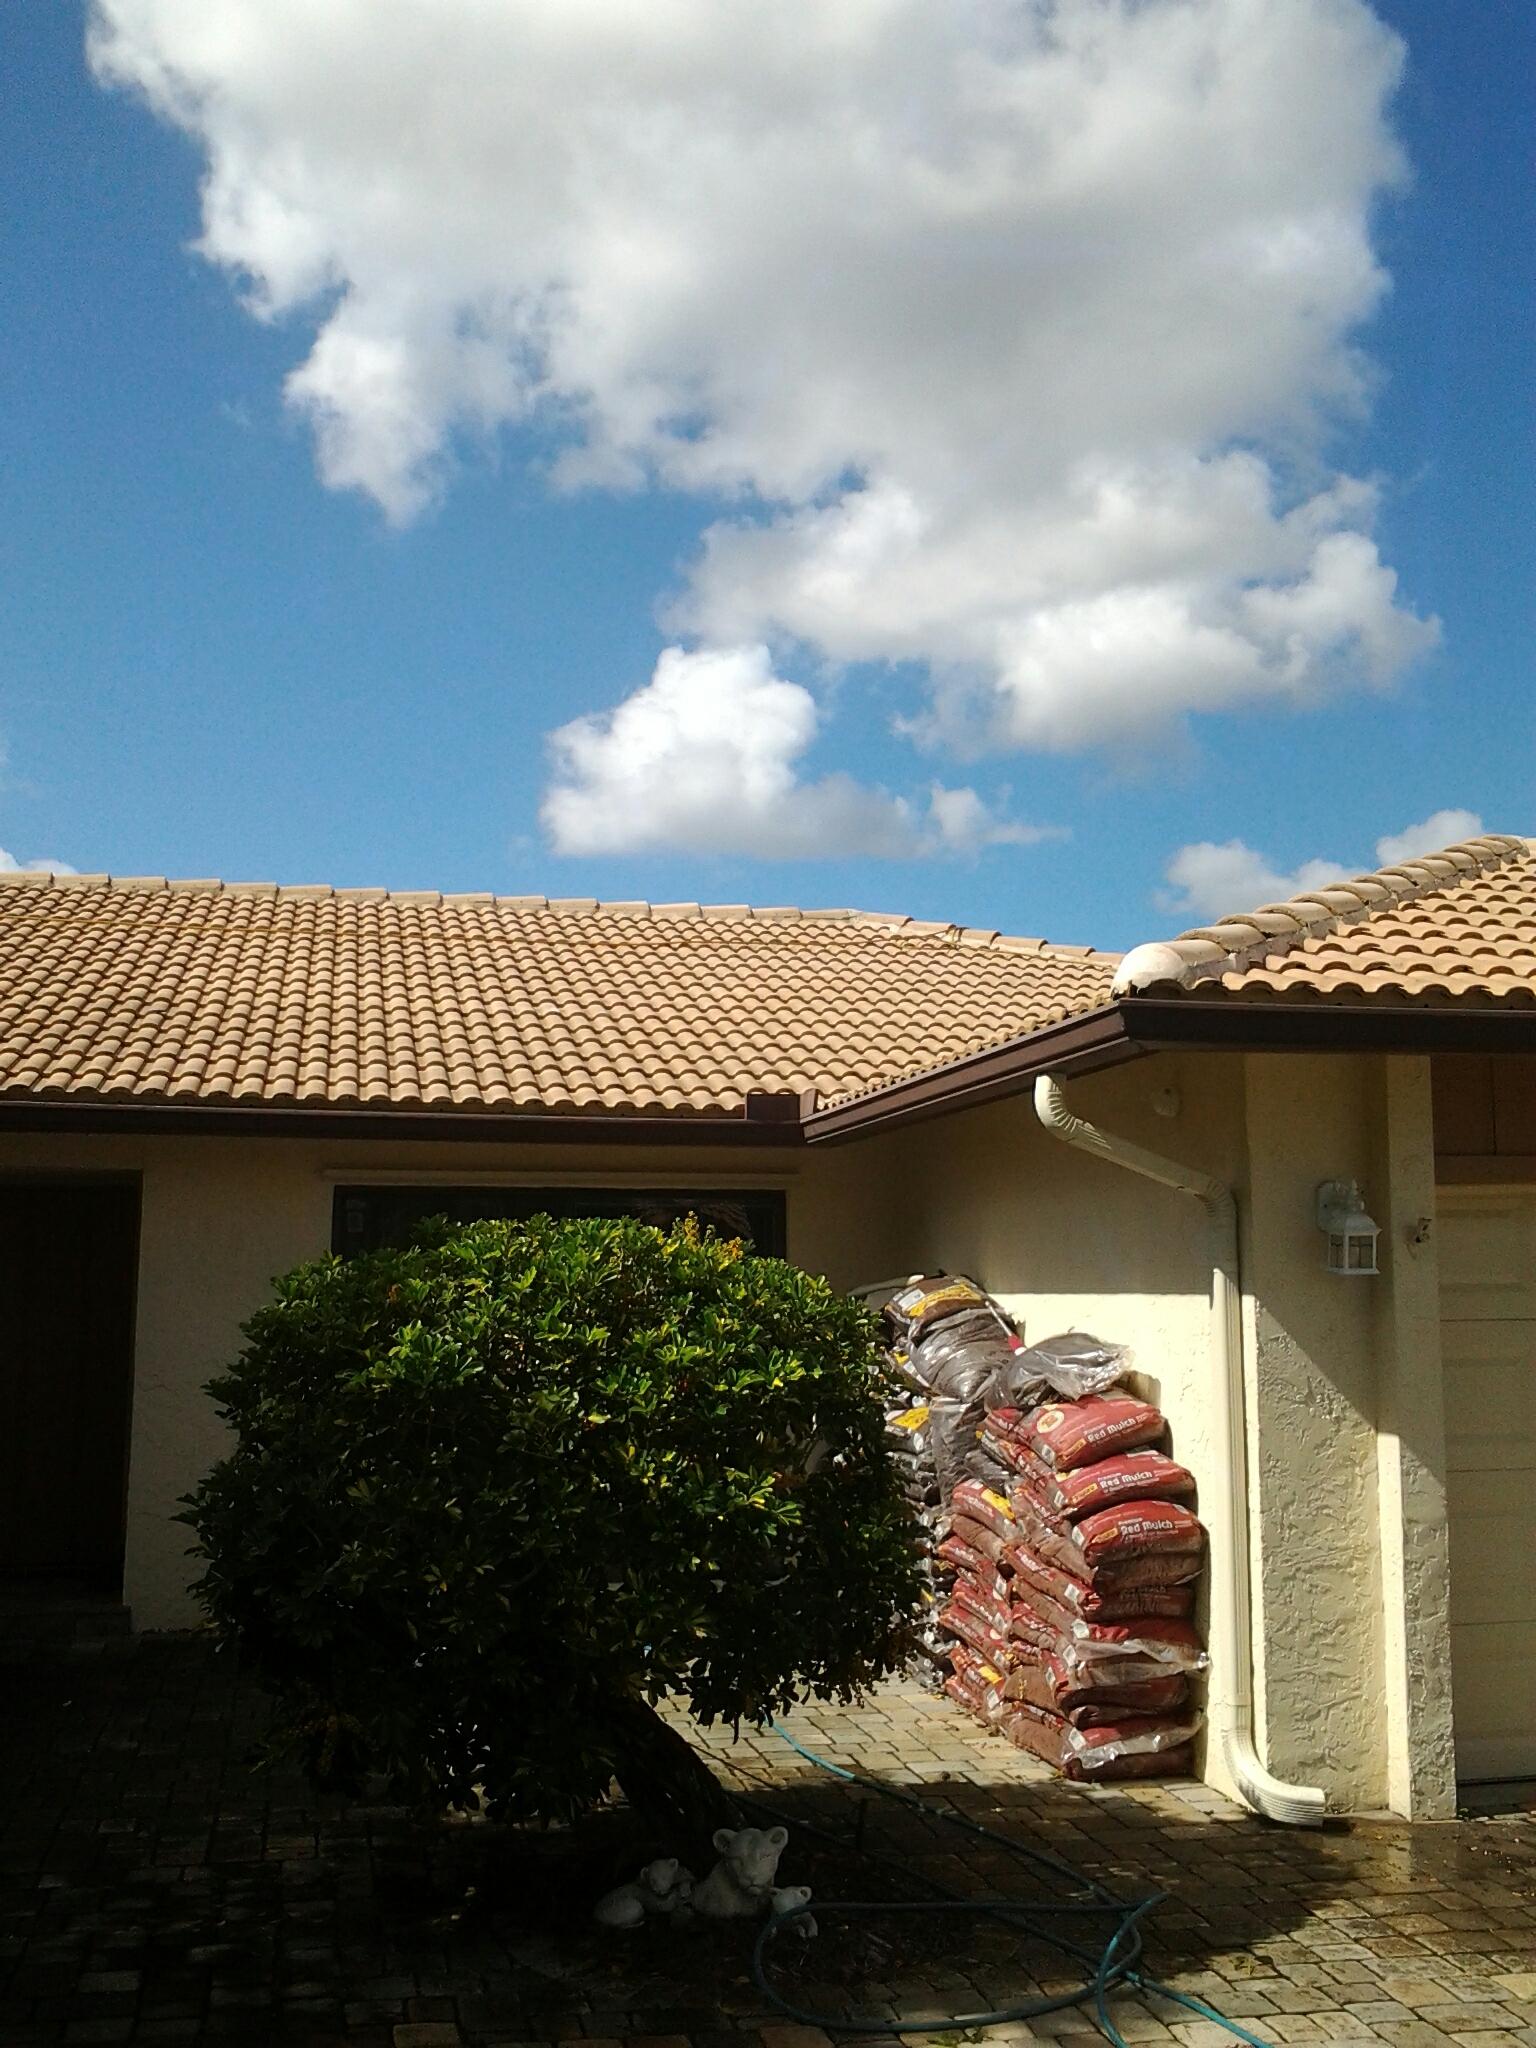 Lauderhill, FL -